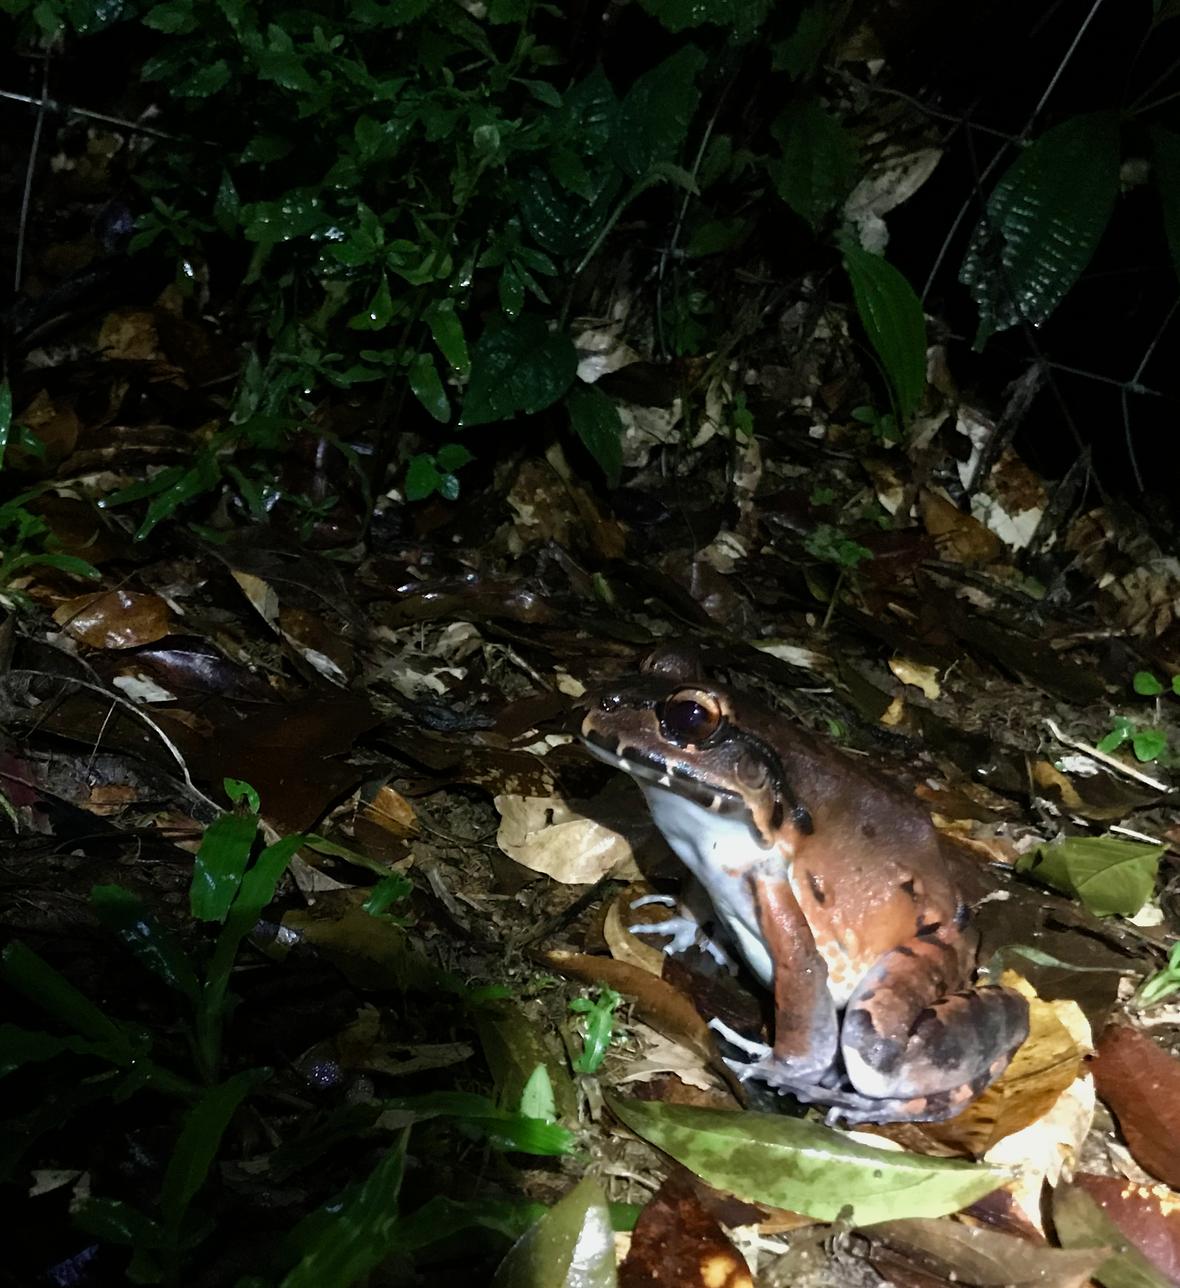 Smoky jungle frog Leptodactylus pentadactylus